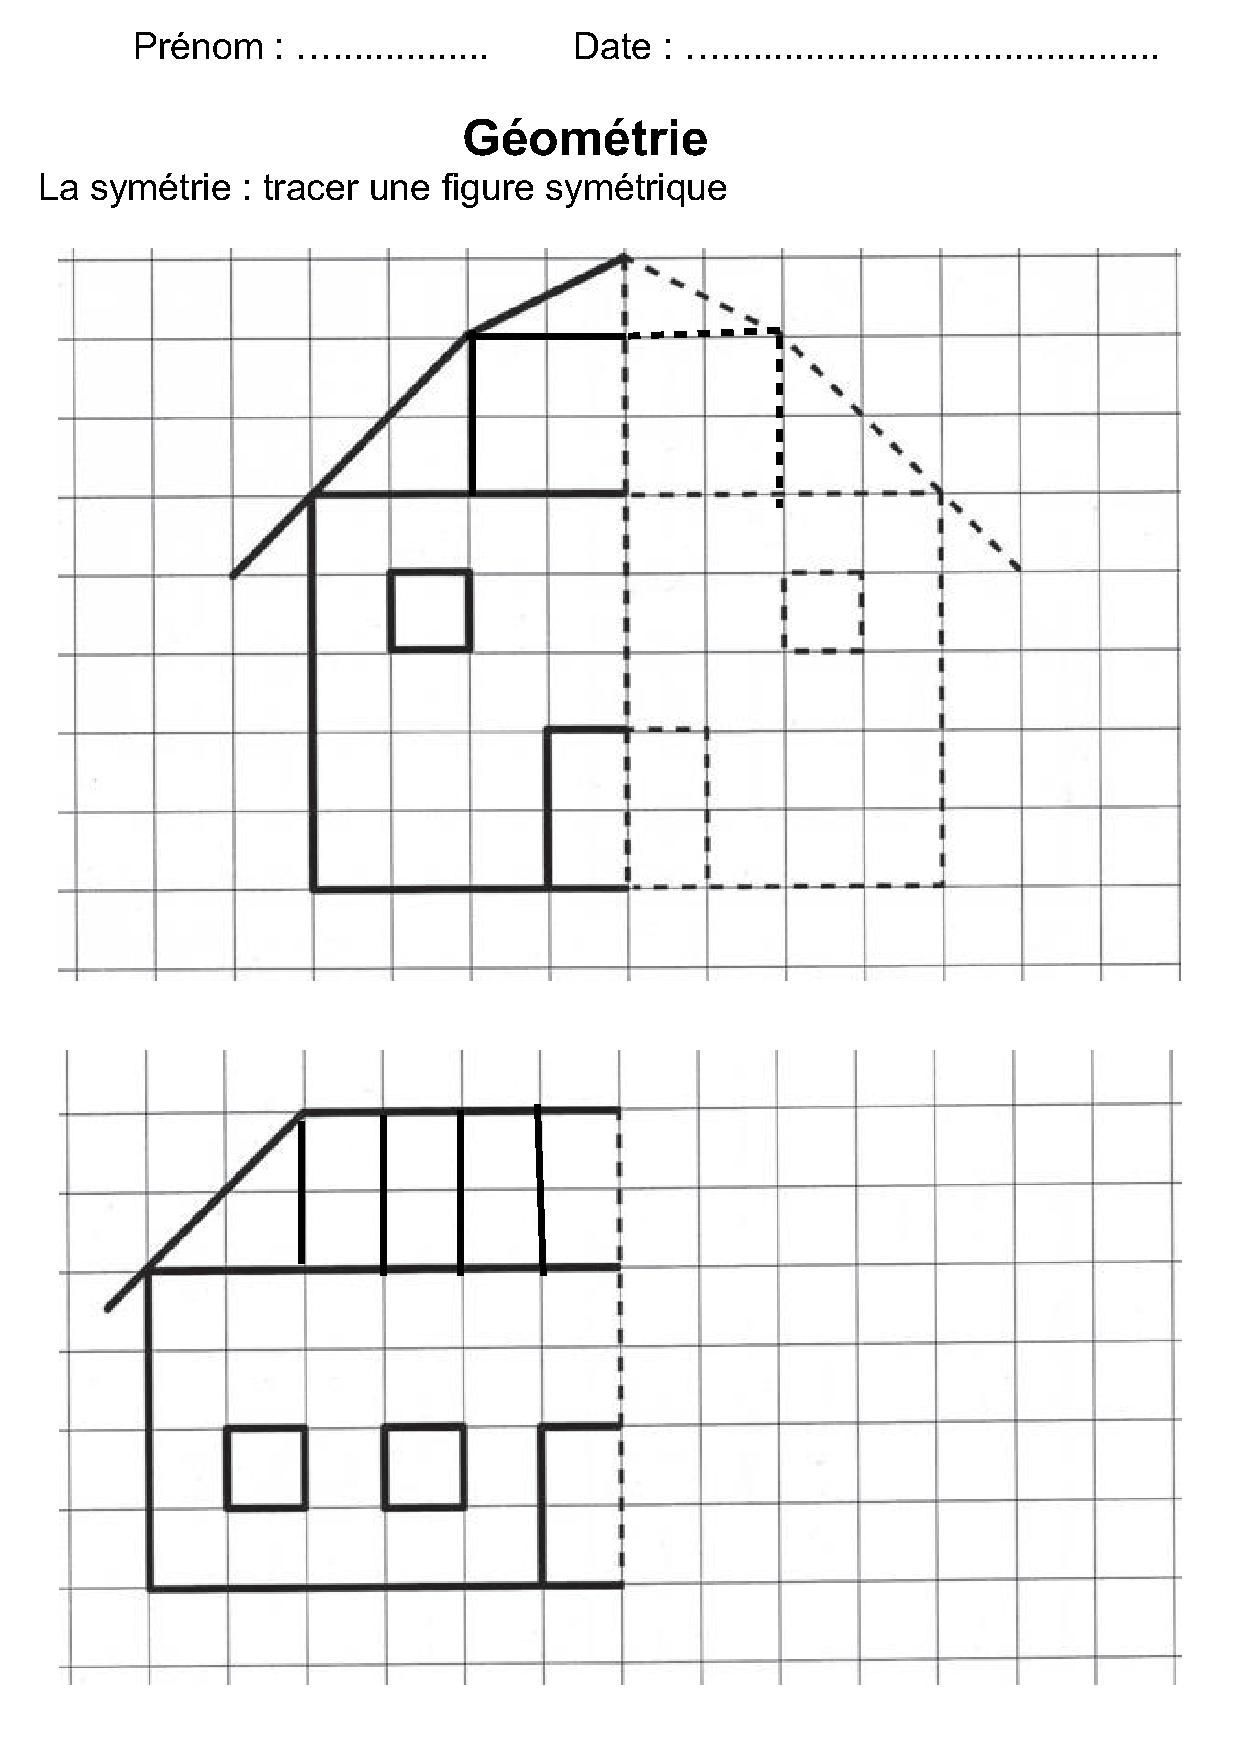 Géométrie Ce1,ce2,la Symétrie,reproduire Une Figure encequiconcerne Symétrie Cm1 Évaluation